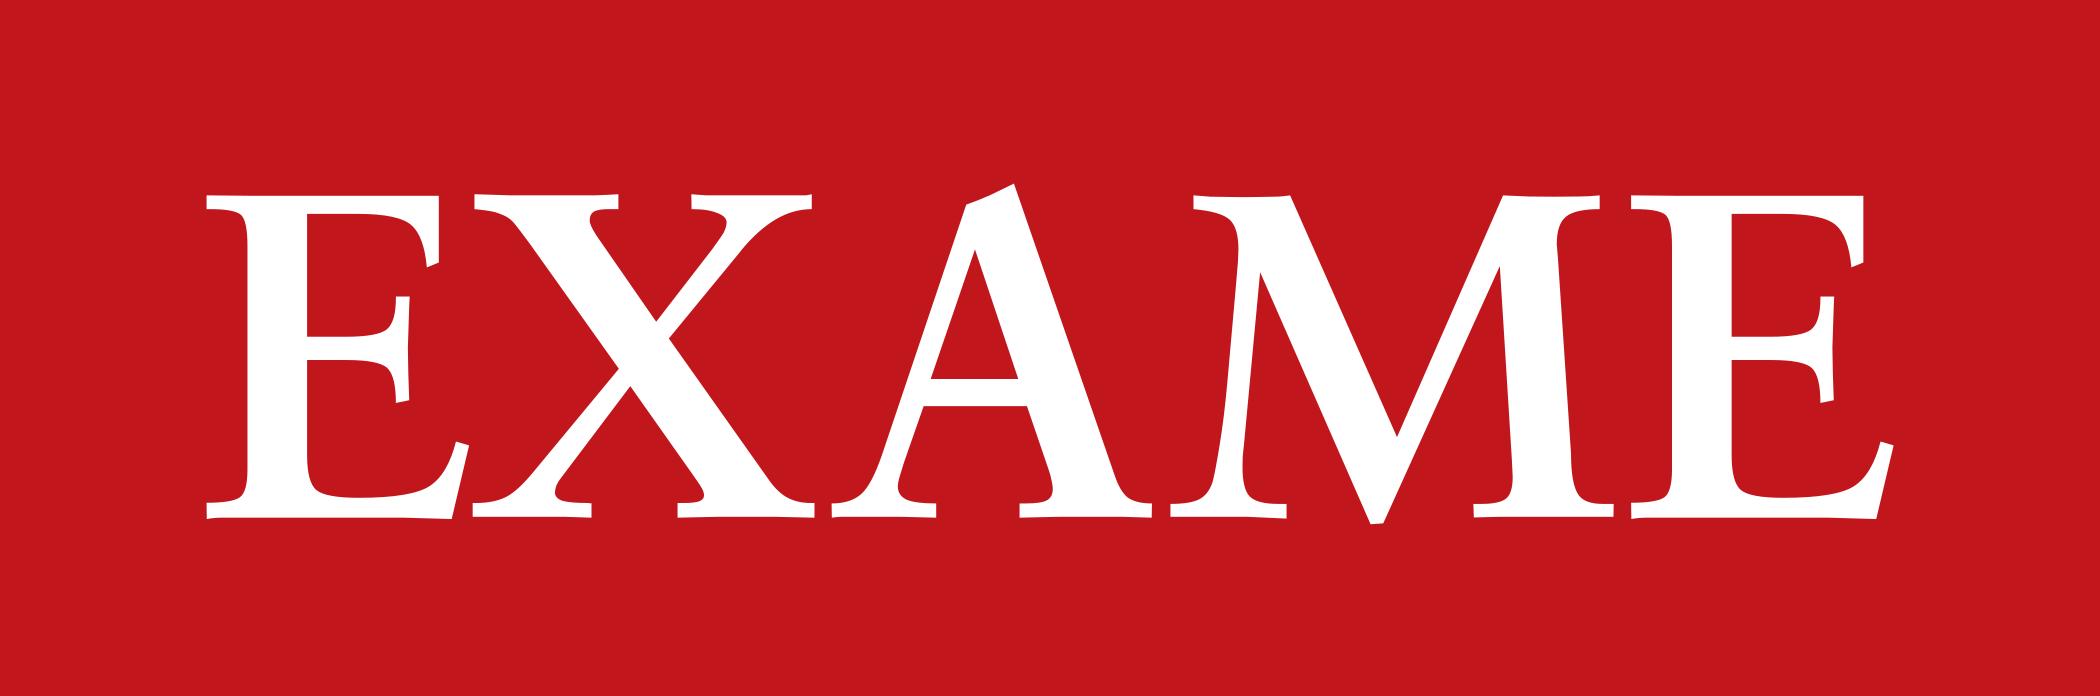 exame logo 3 - EXAME Logo (Revista)